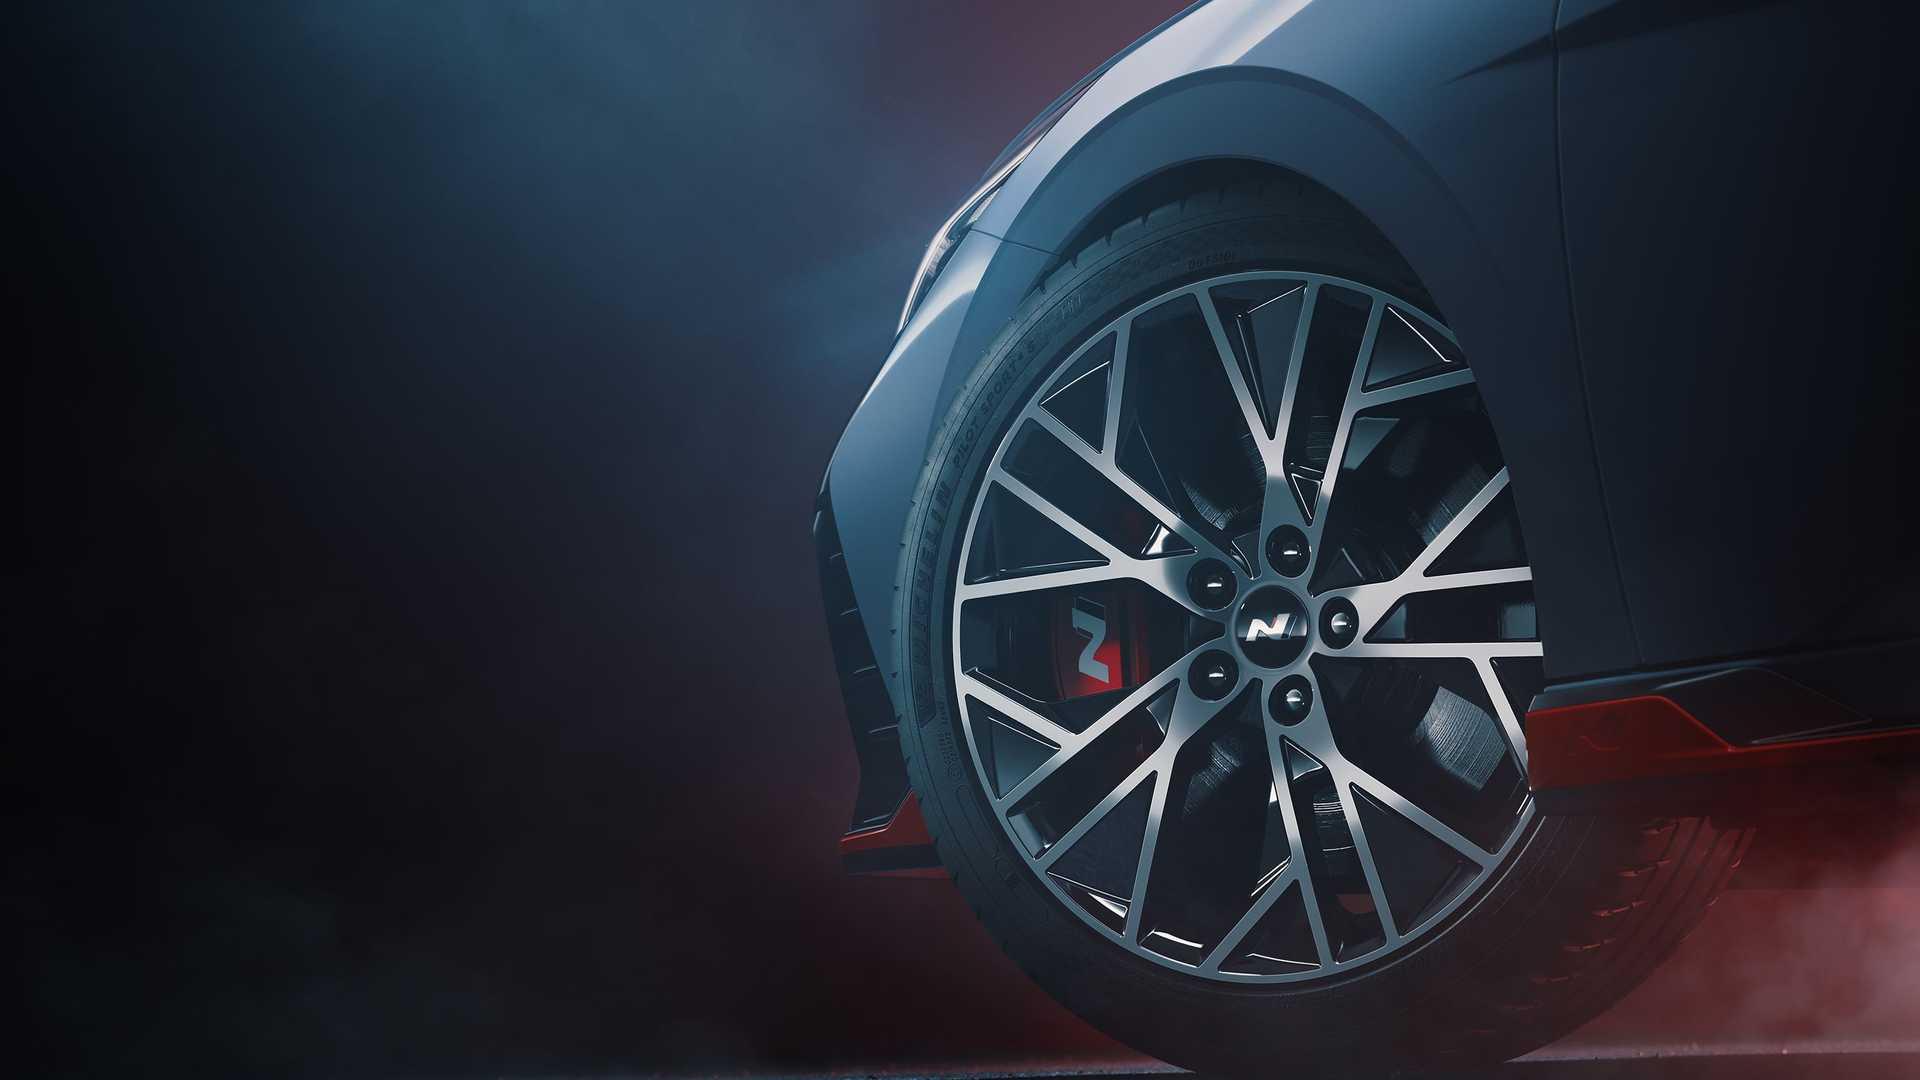 Llanta del Hyundai Elantra N 2022